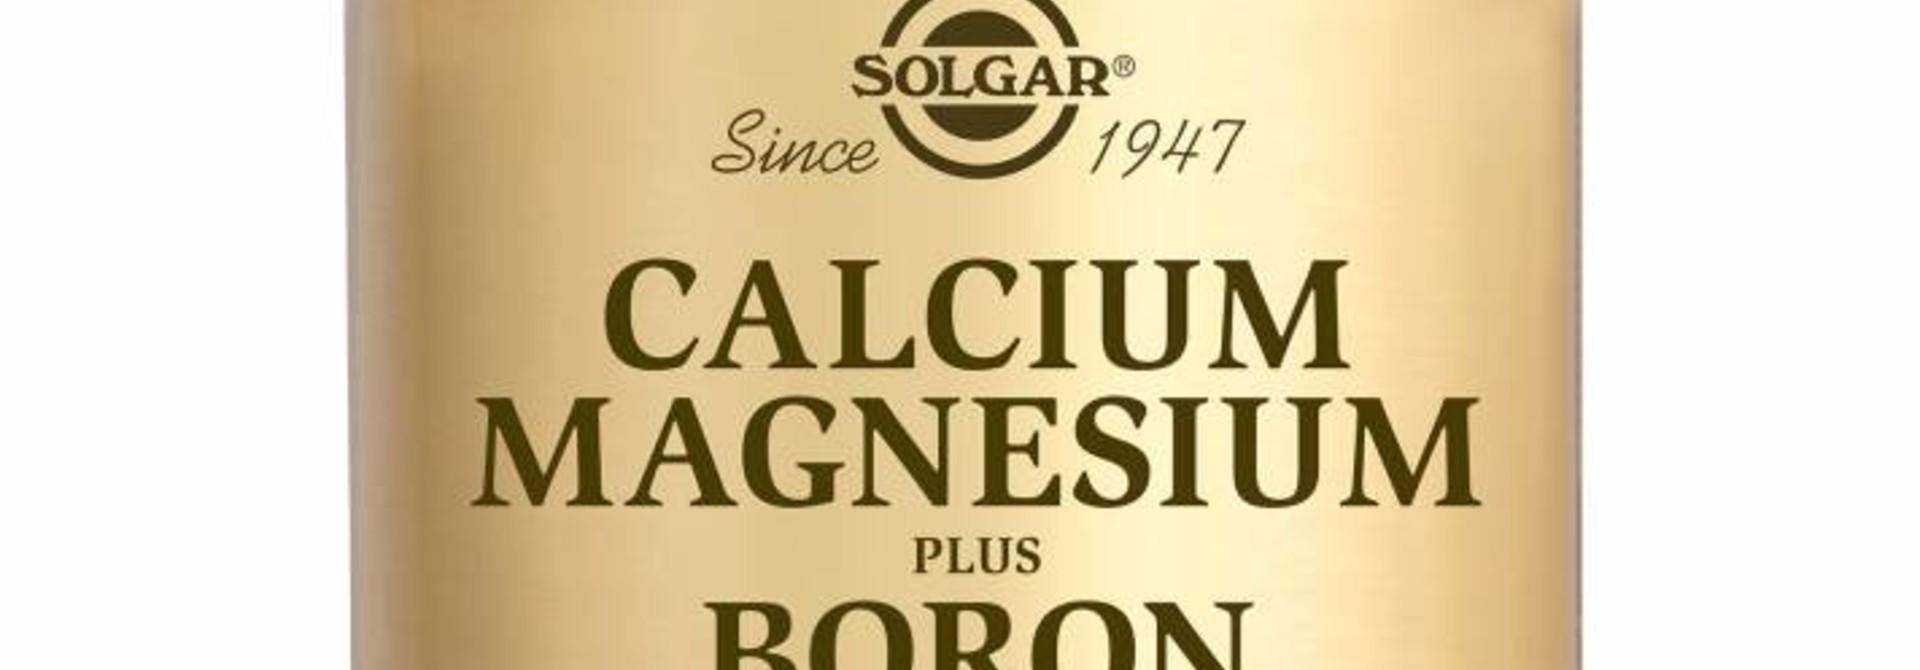 Calcium Magnesium plus Boron 250 tabletten